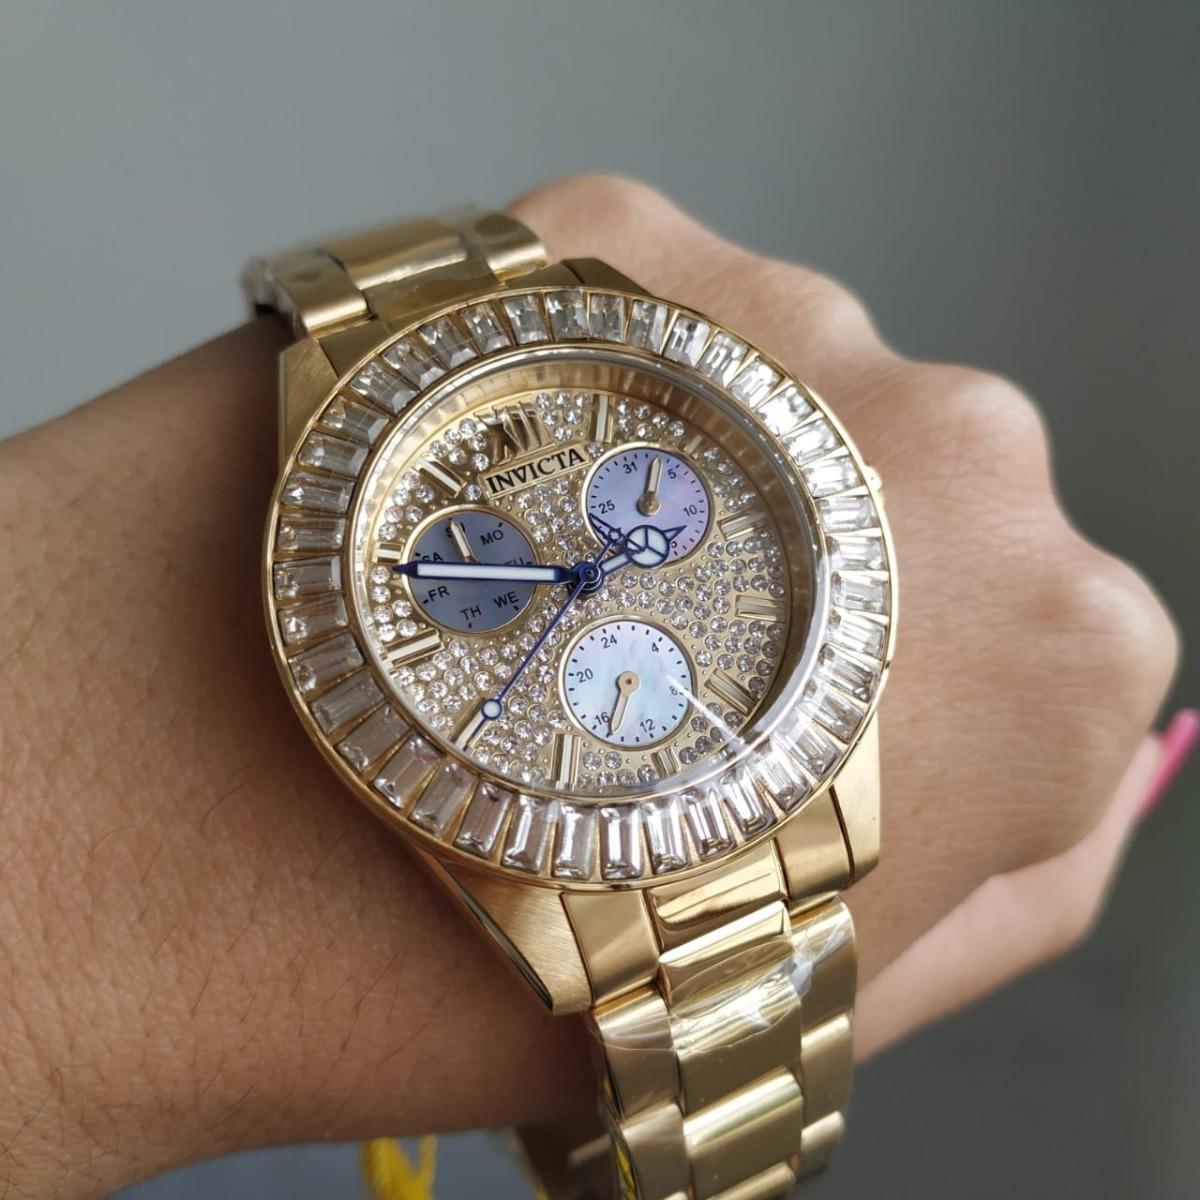 7ab9aff52d8 relógio invicta feminino original 28449 dourado com cristais. Carregando  zoom.